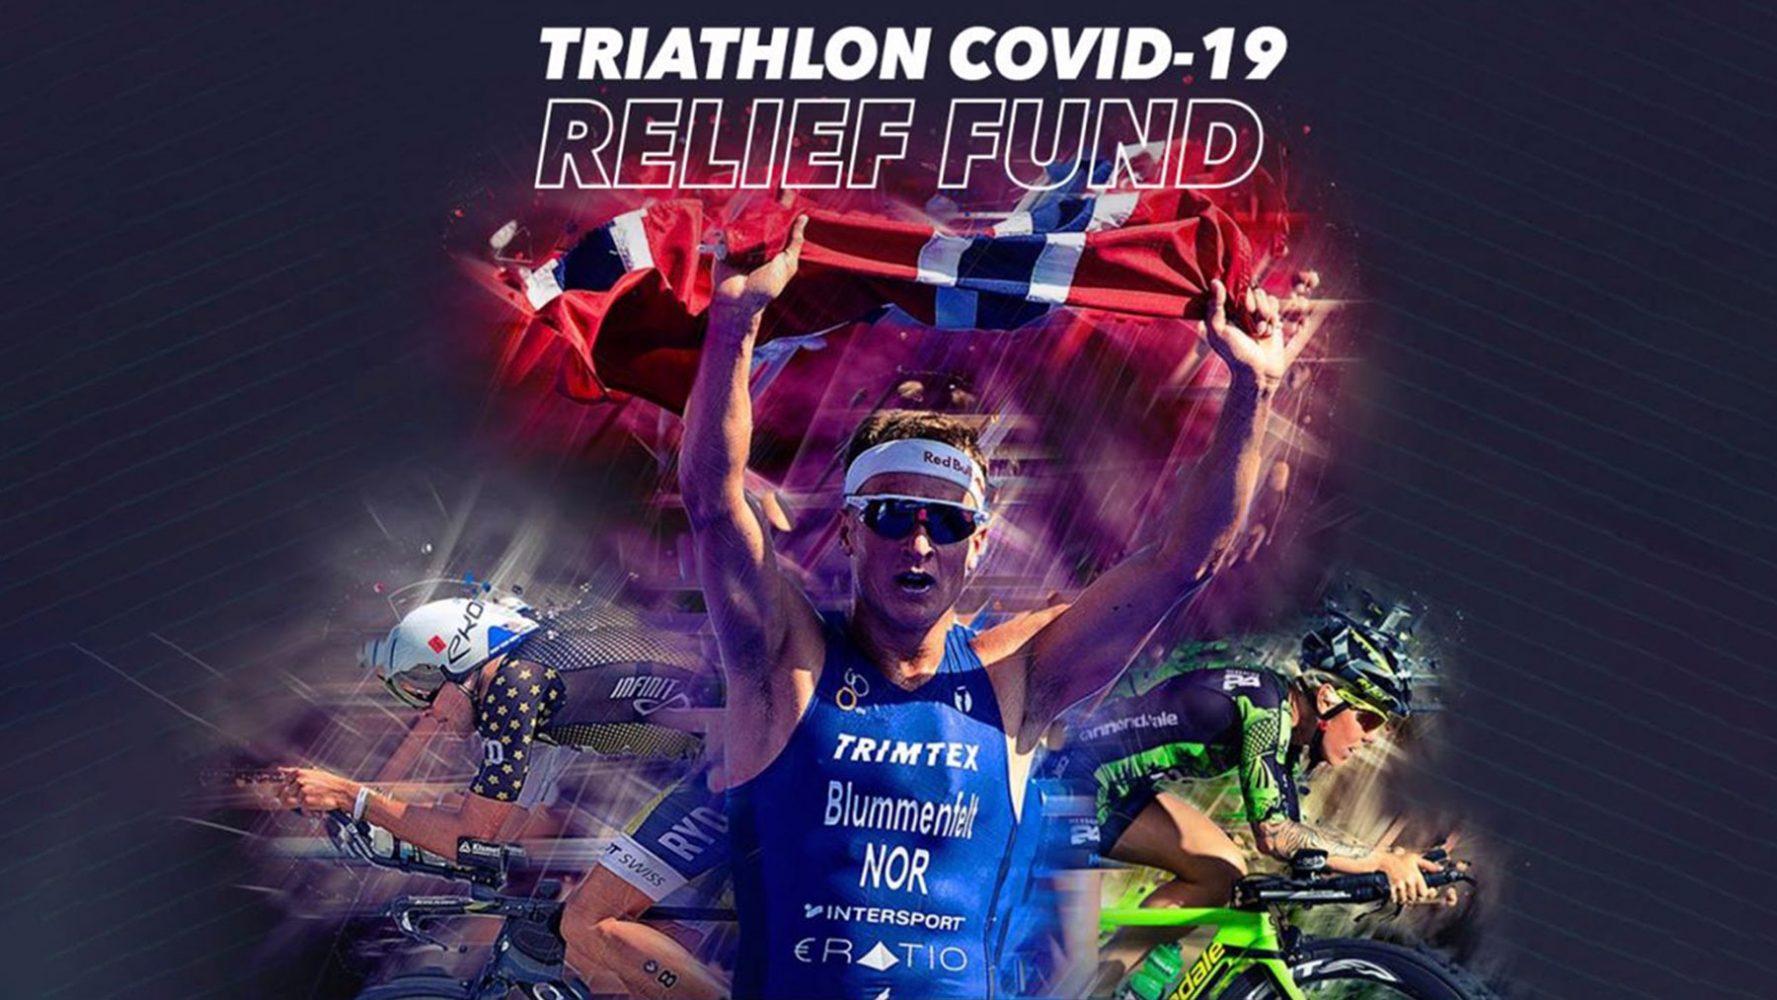 COVID-19 Triathlon Relief Fund – 10 Days To Daytona Prize Draw